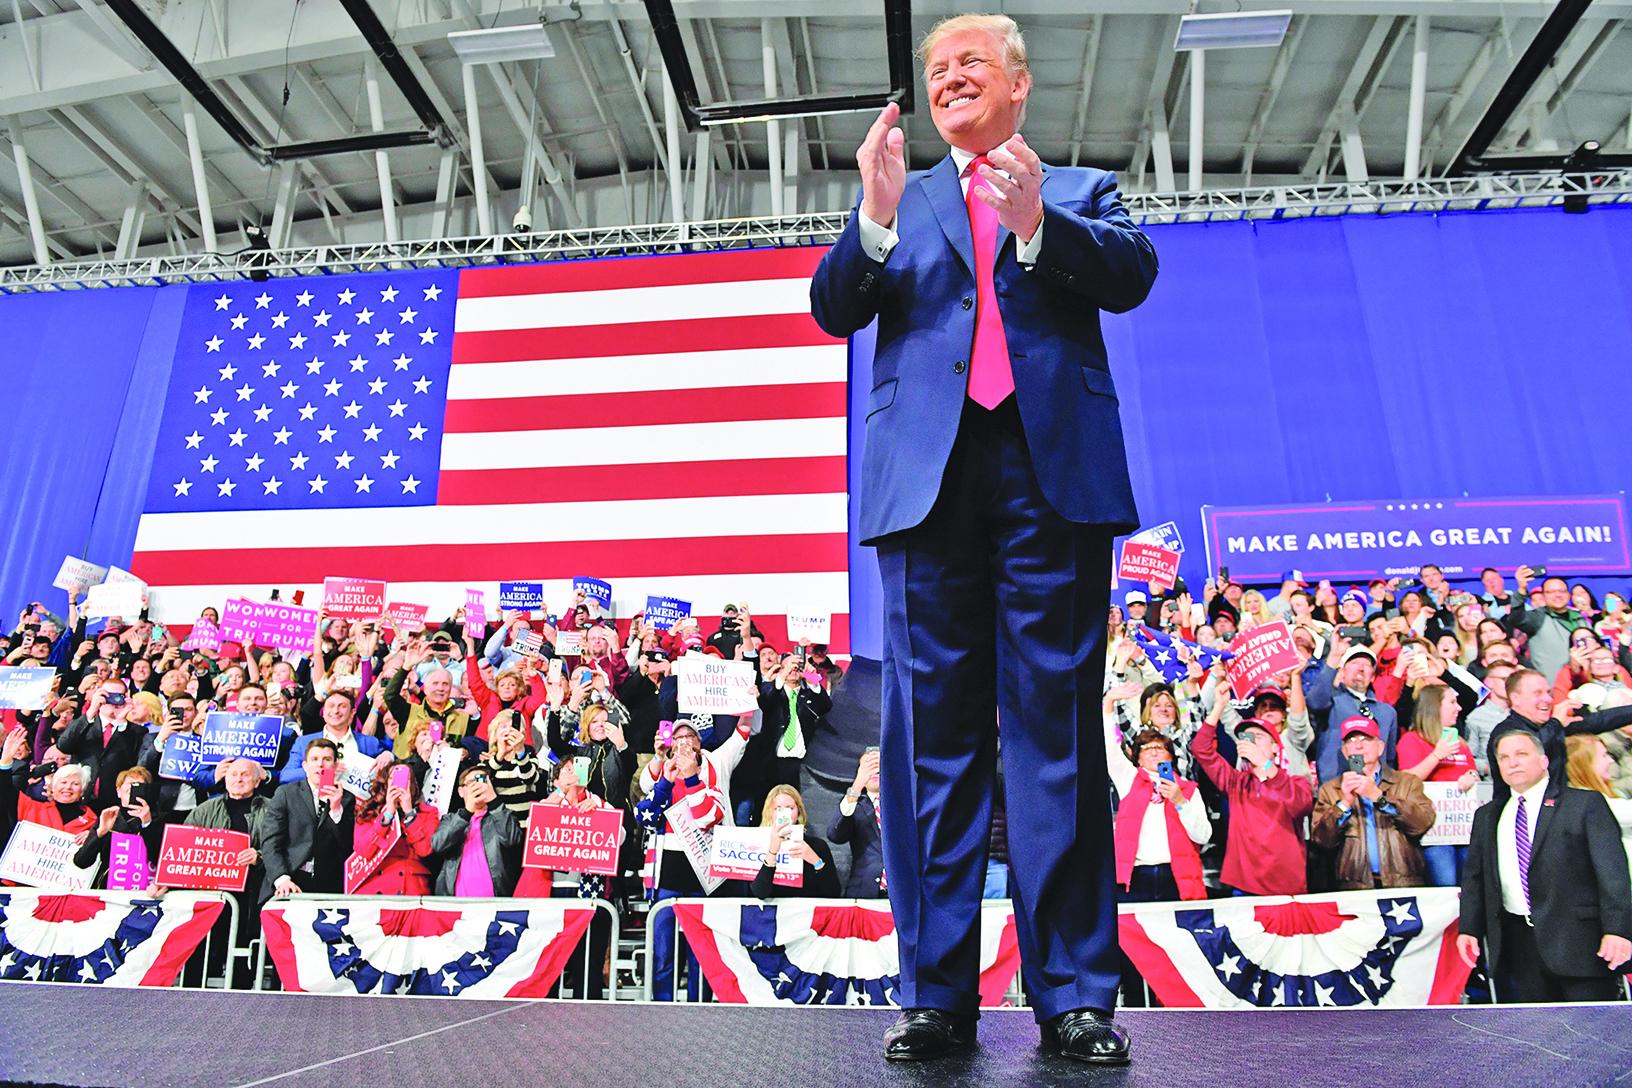 特朗普在賓州的集會上對和金正恩會面的前景表示樂觀,稱可能達成「對全世界最有利的協議」。(AFP)